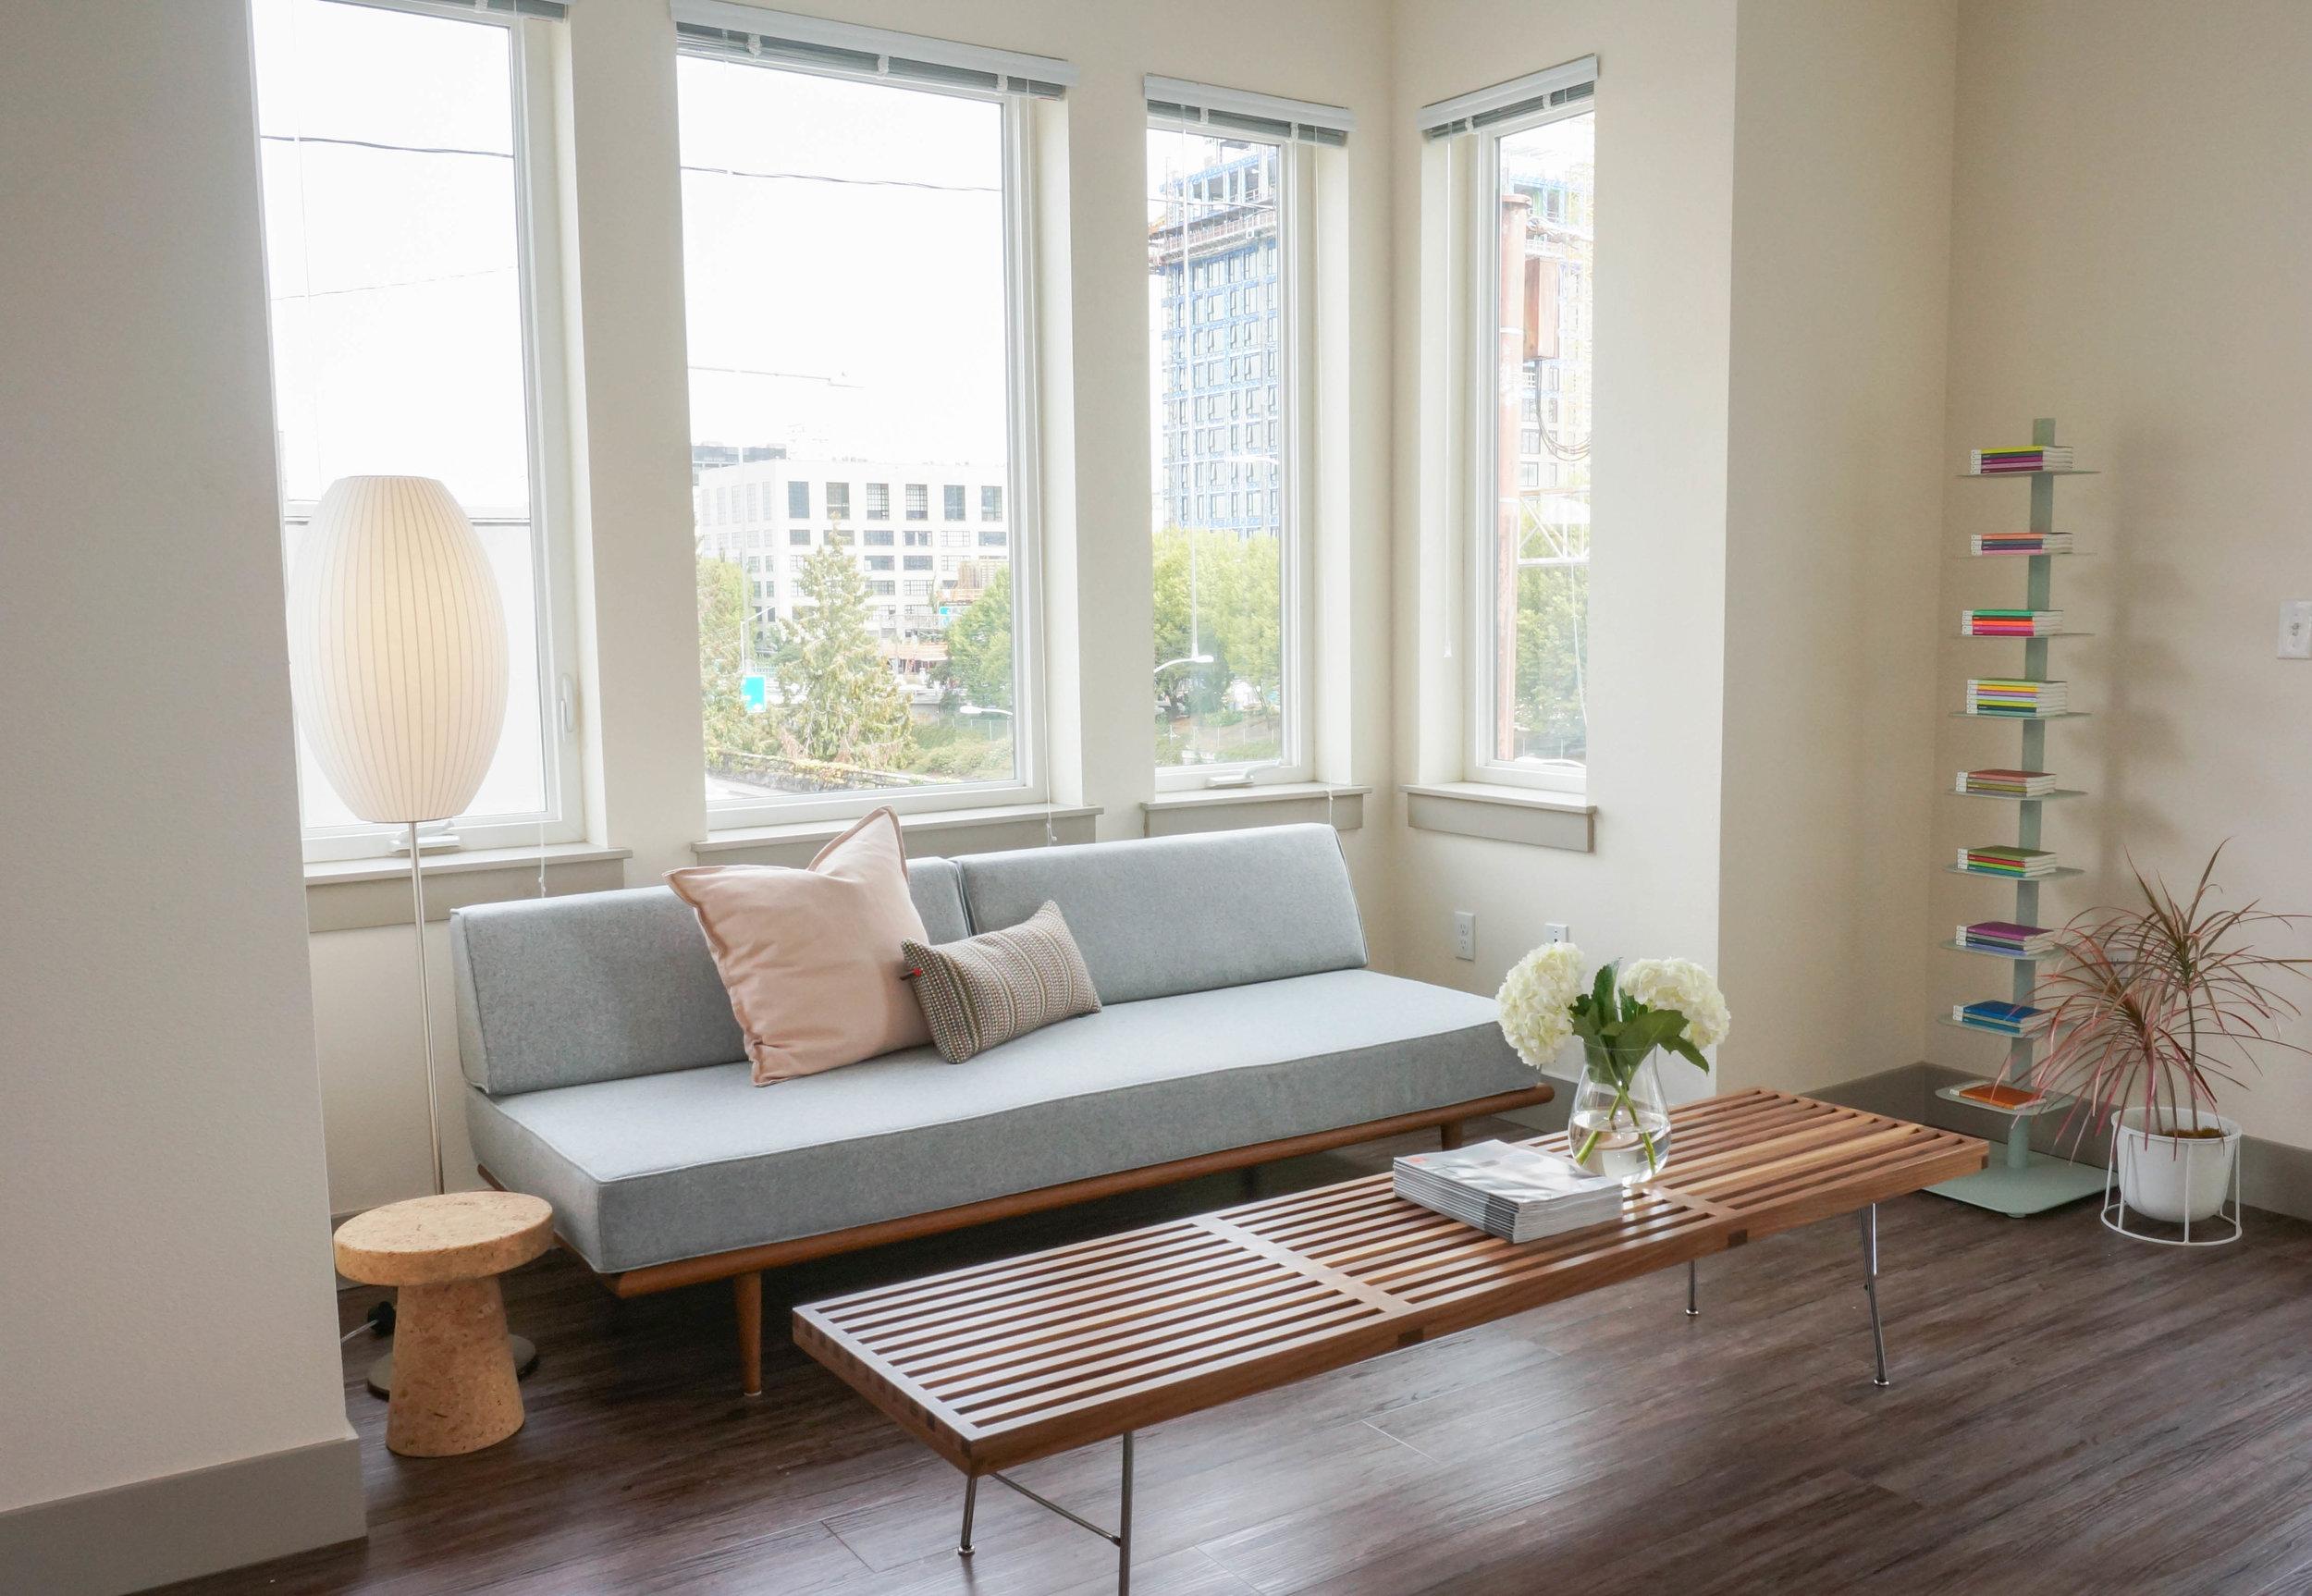 Everett - Studio Living Space